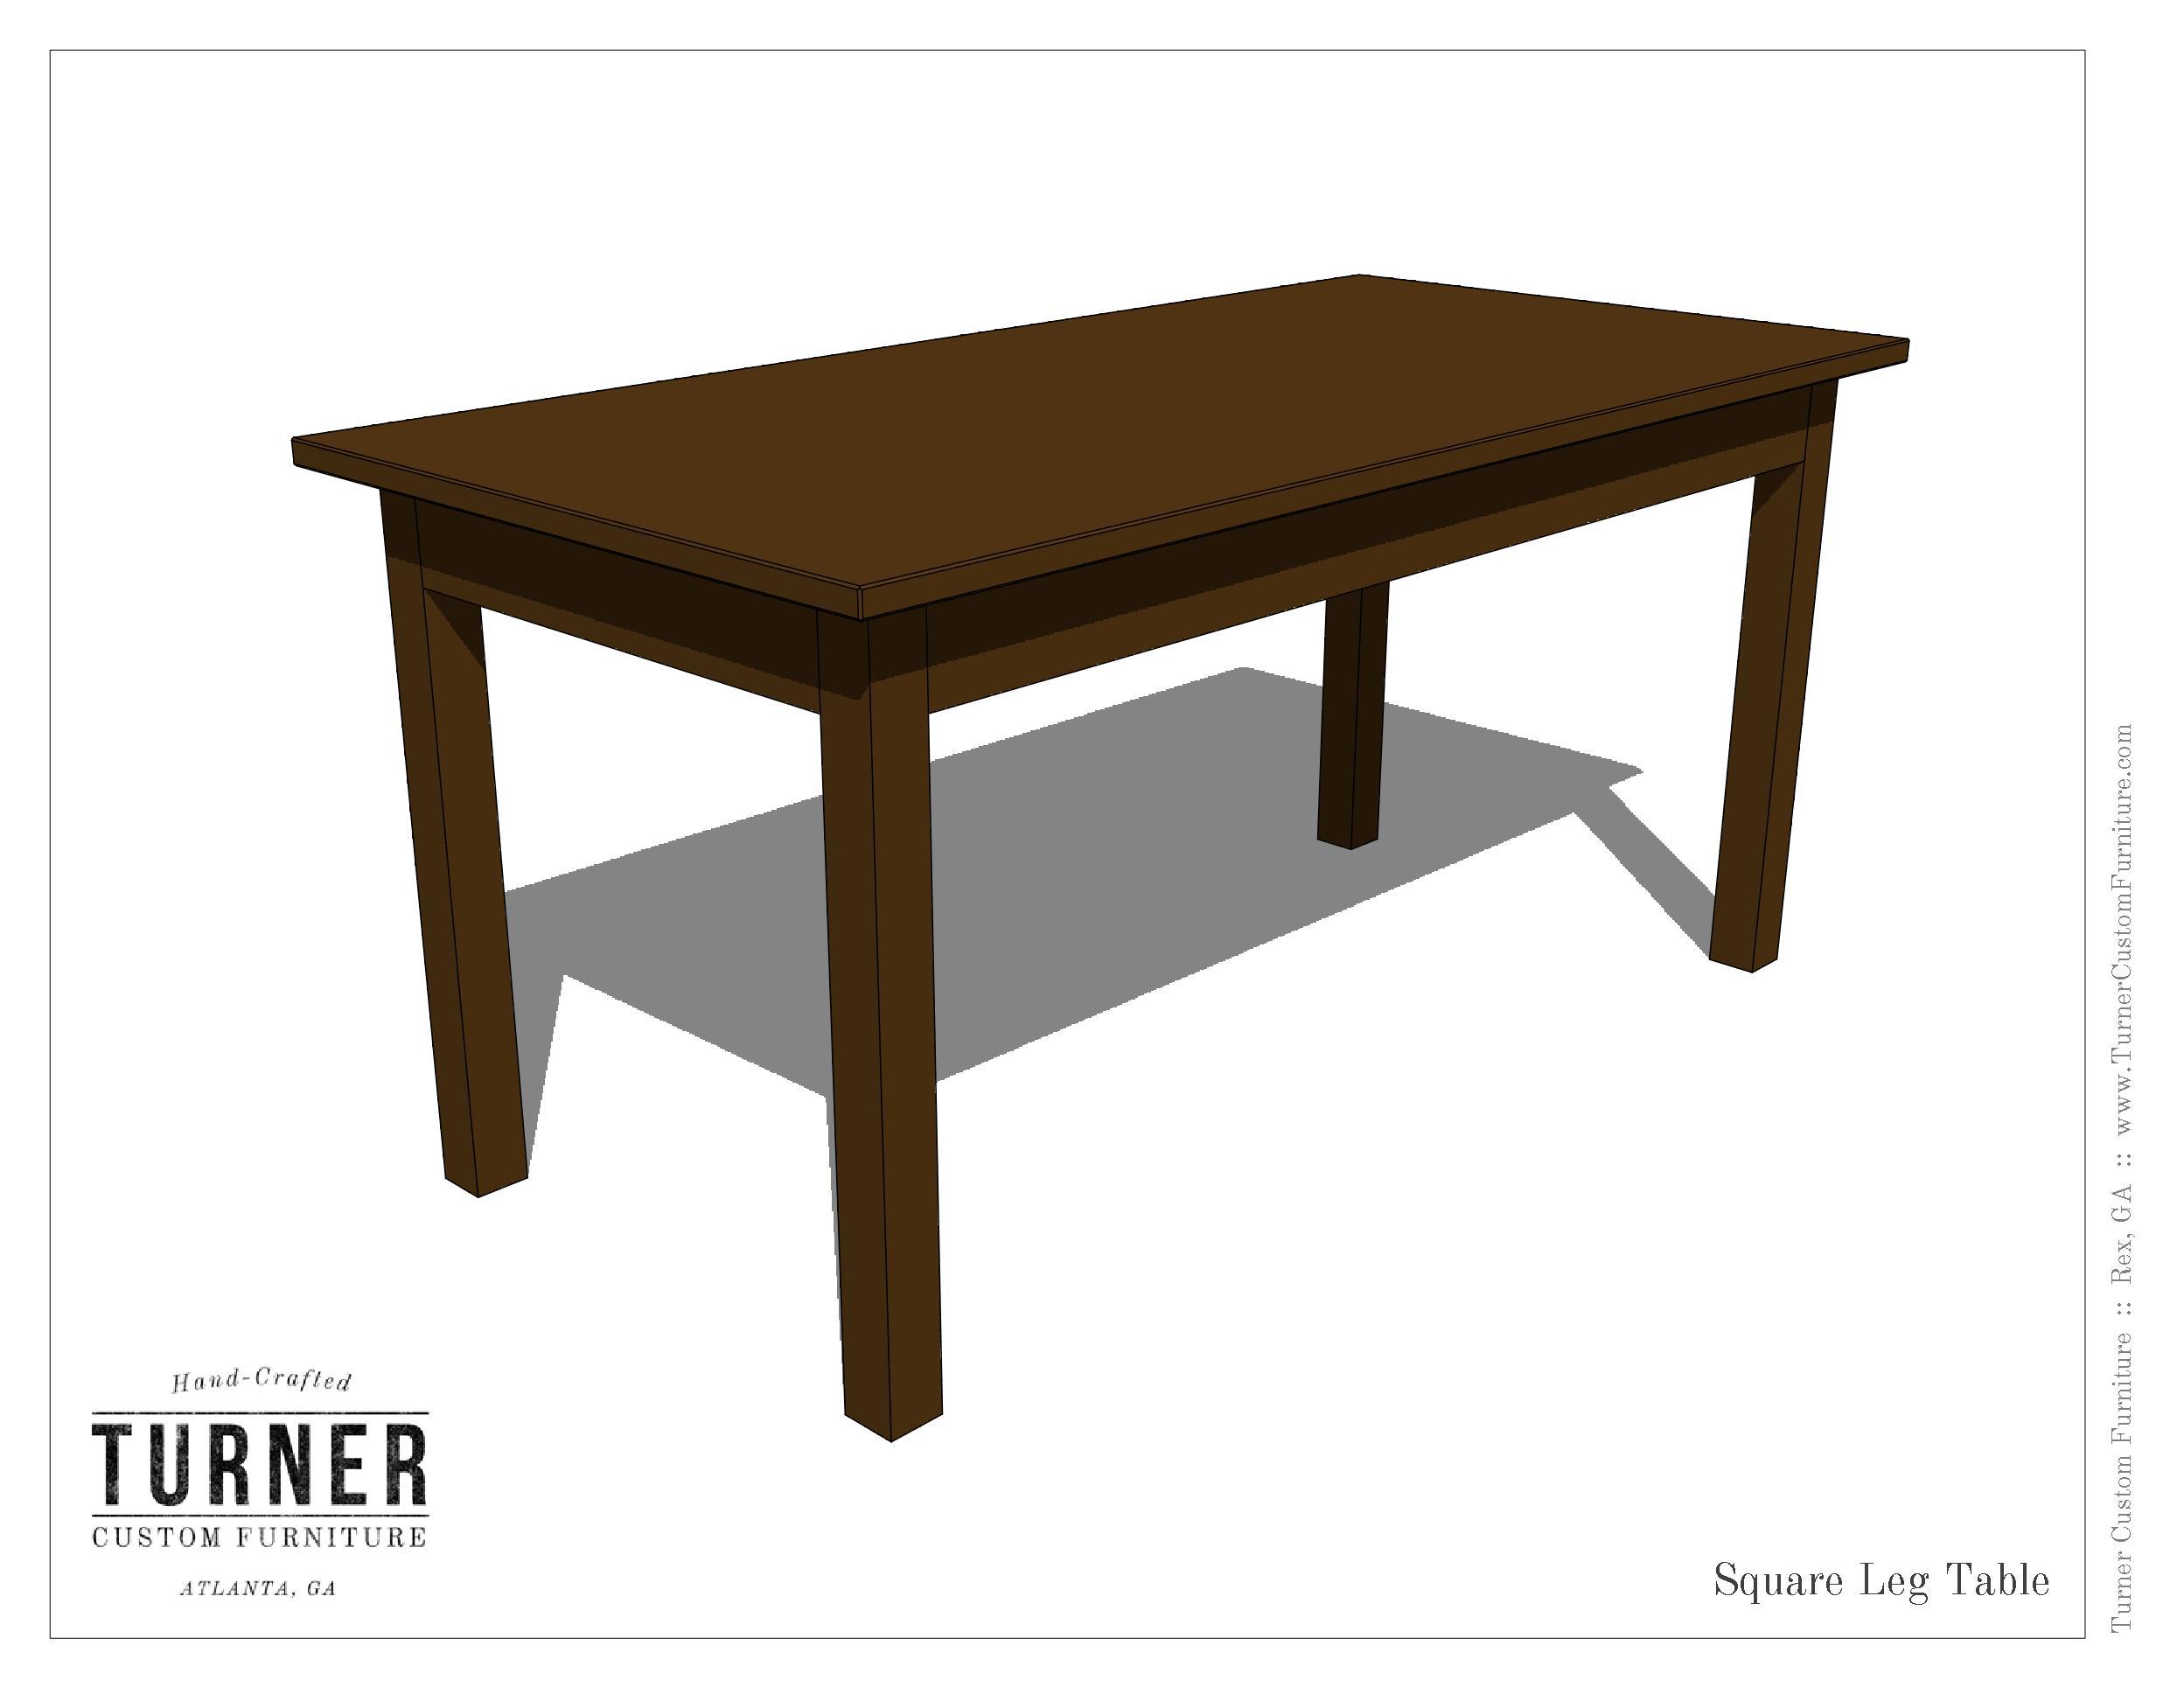 Table Builder_10.jpg